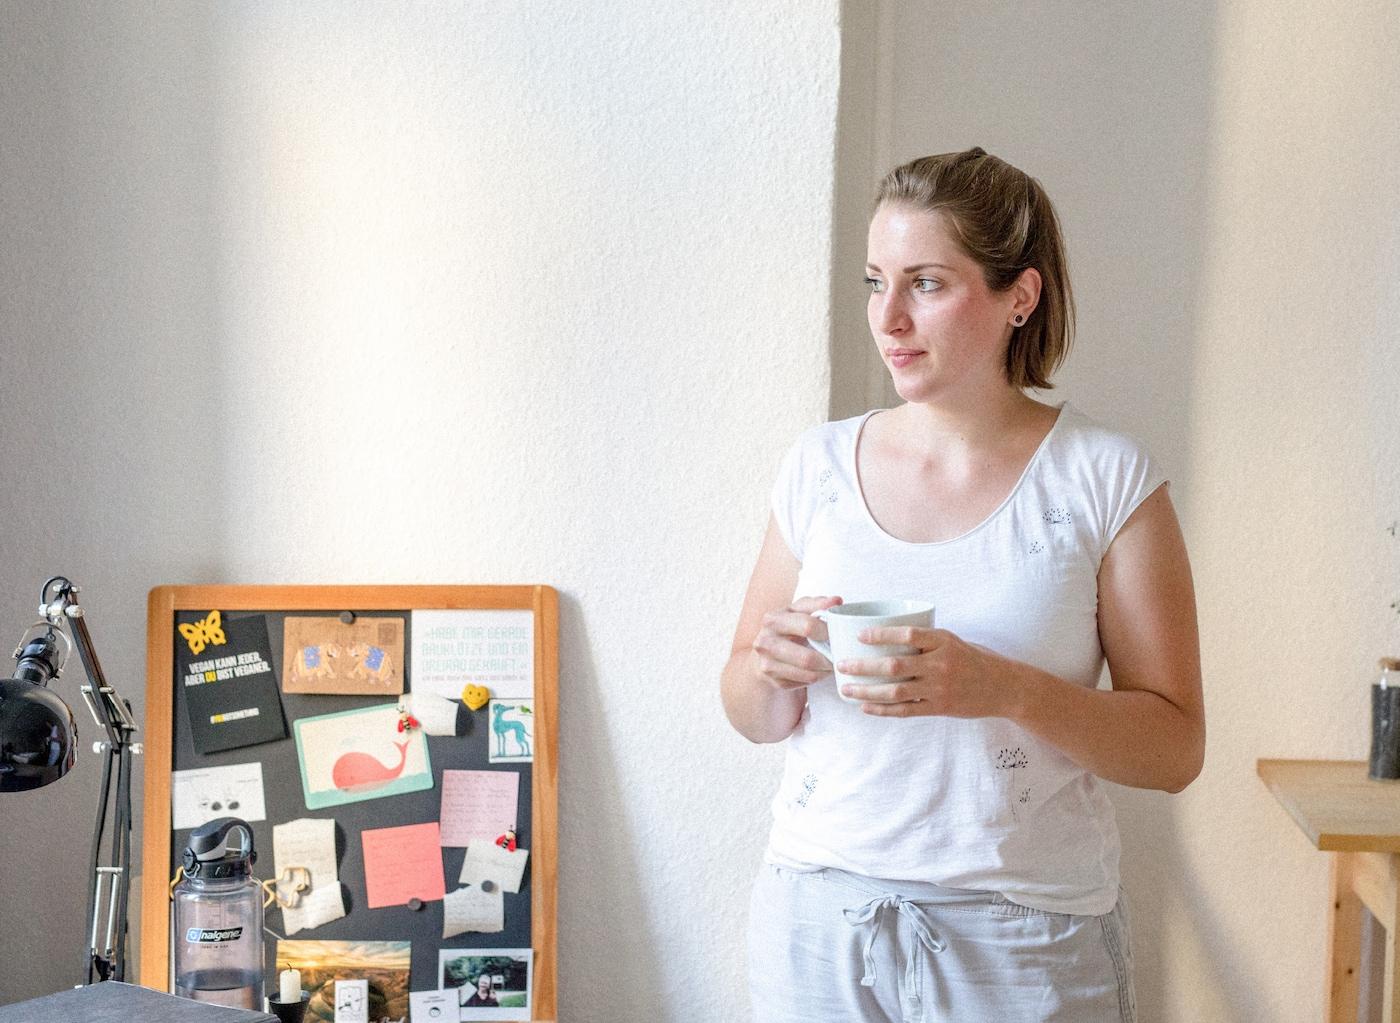 自宅でティーカップを持ちながら、窓の外を眺めている若い女性。